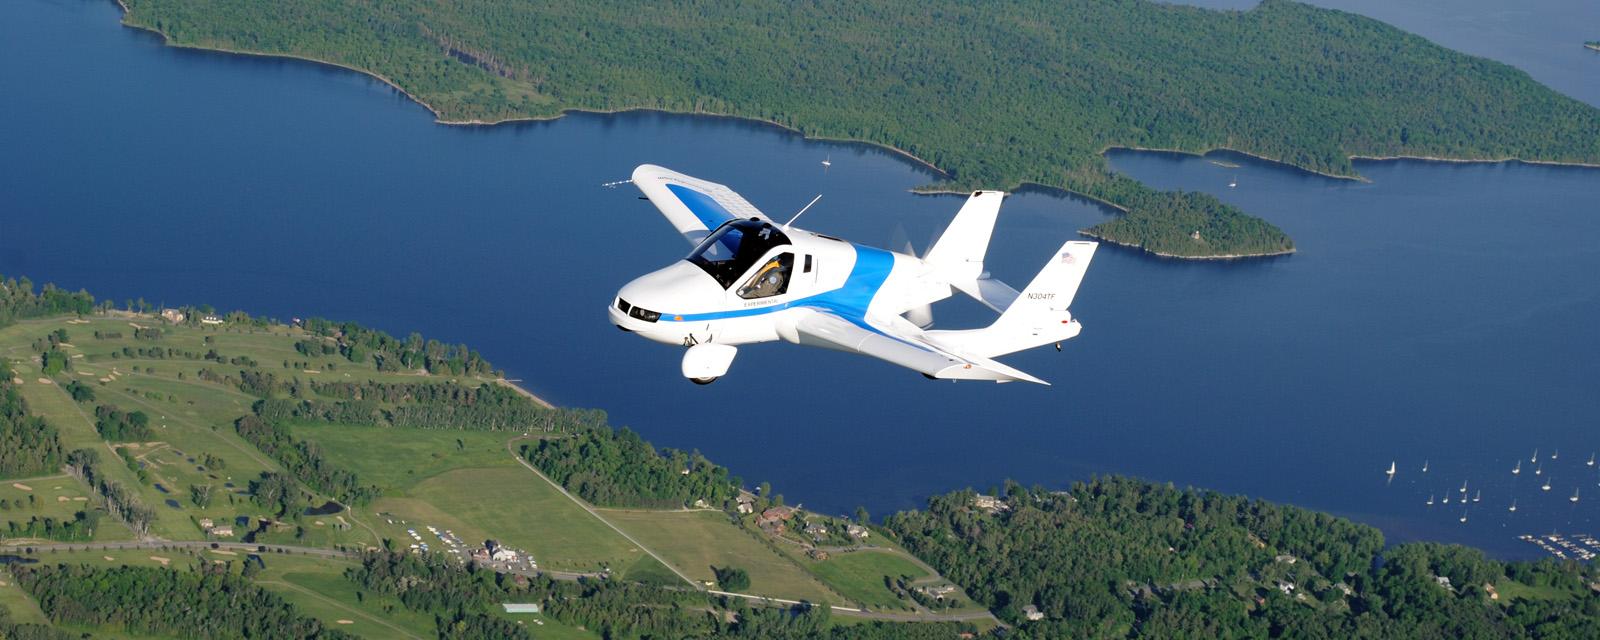 سيارة جديدة تحلق في السماء بسرعة 100 ميل في الساعة